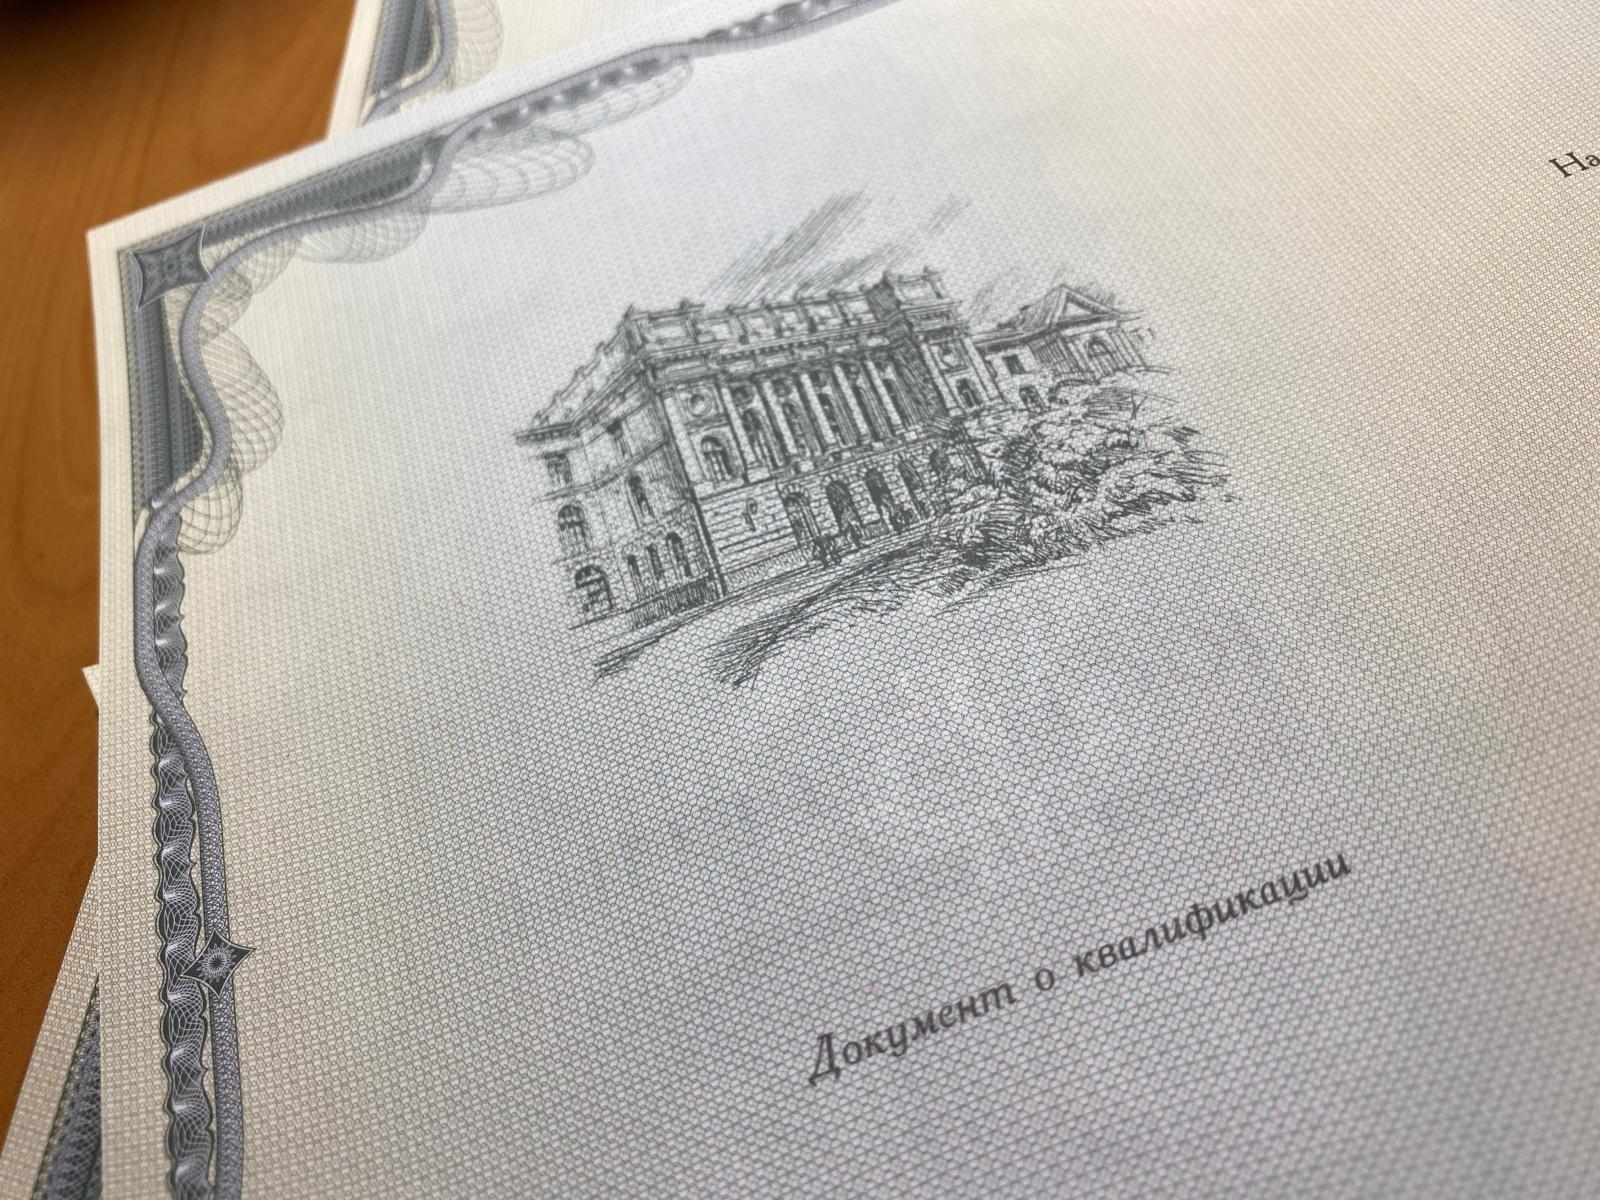 Вручение удостоверений о повышении квалификации преподавателям СПбПУ